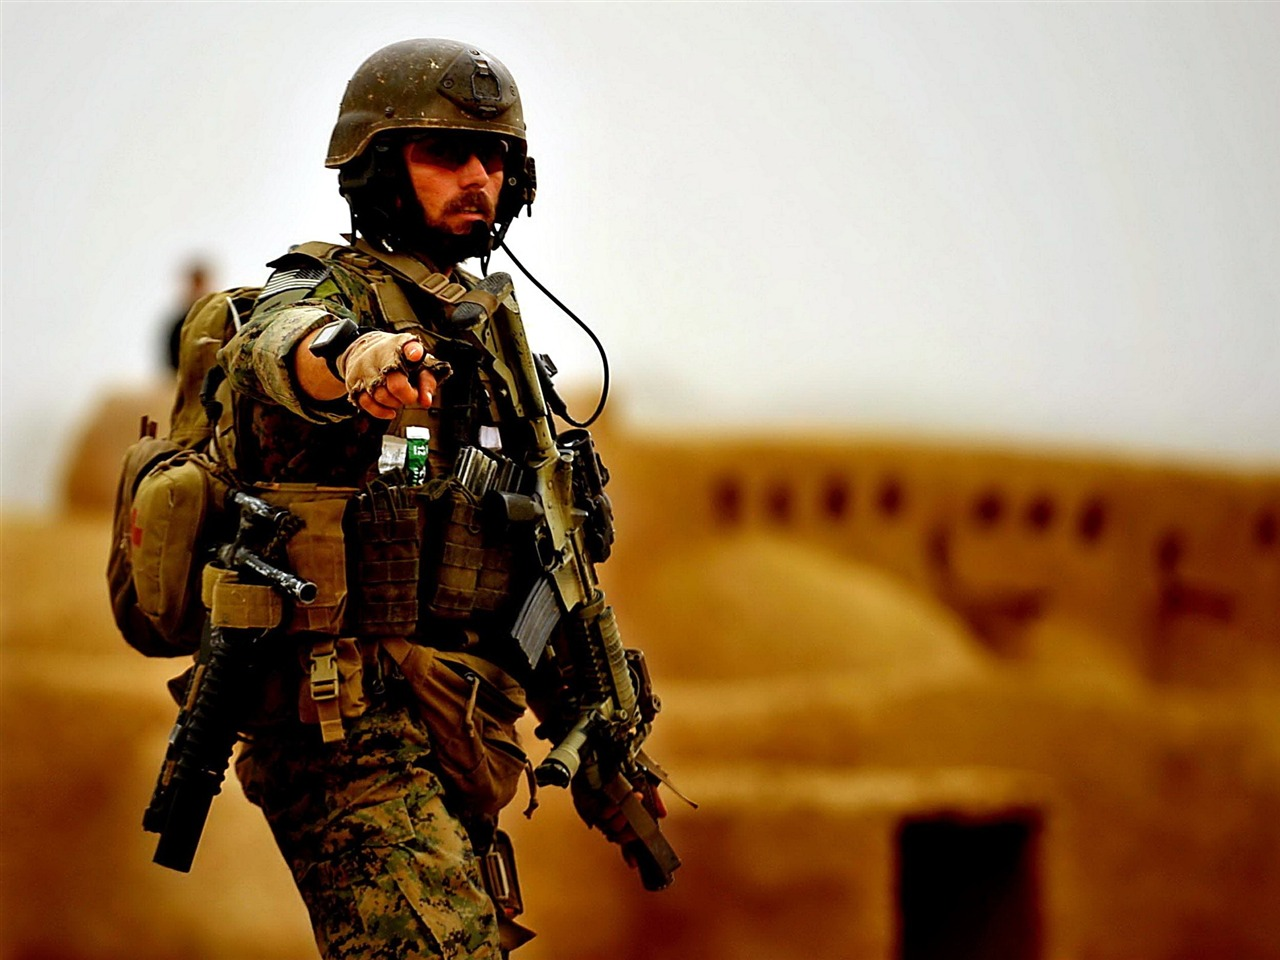 平和ミッション現代の軍事hdの壁紙プレビュー 10wallpaper Com